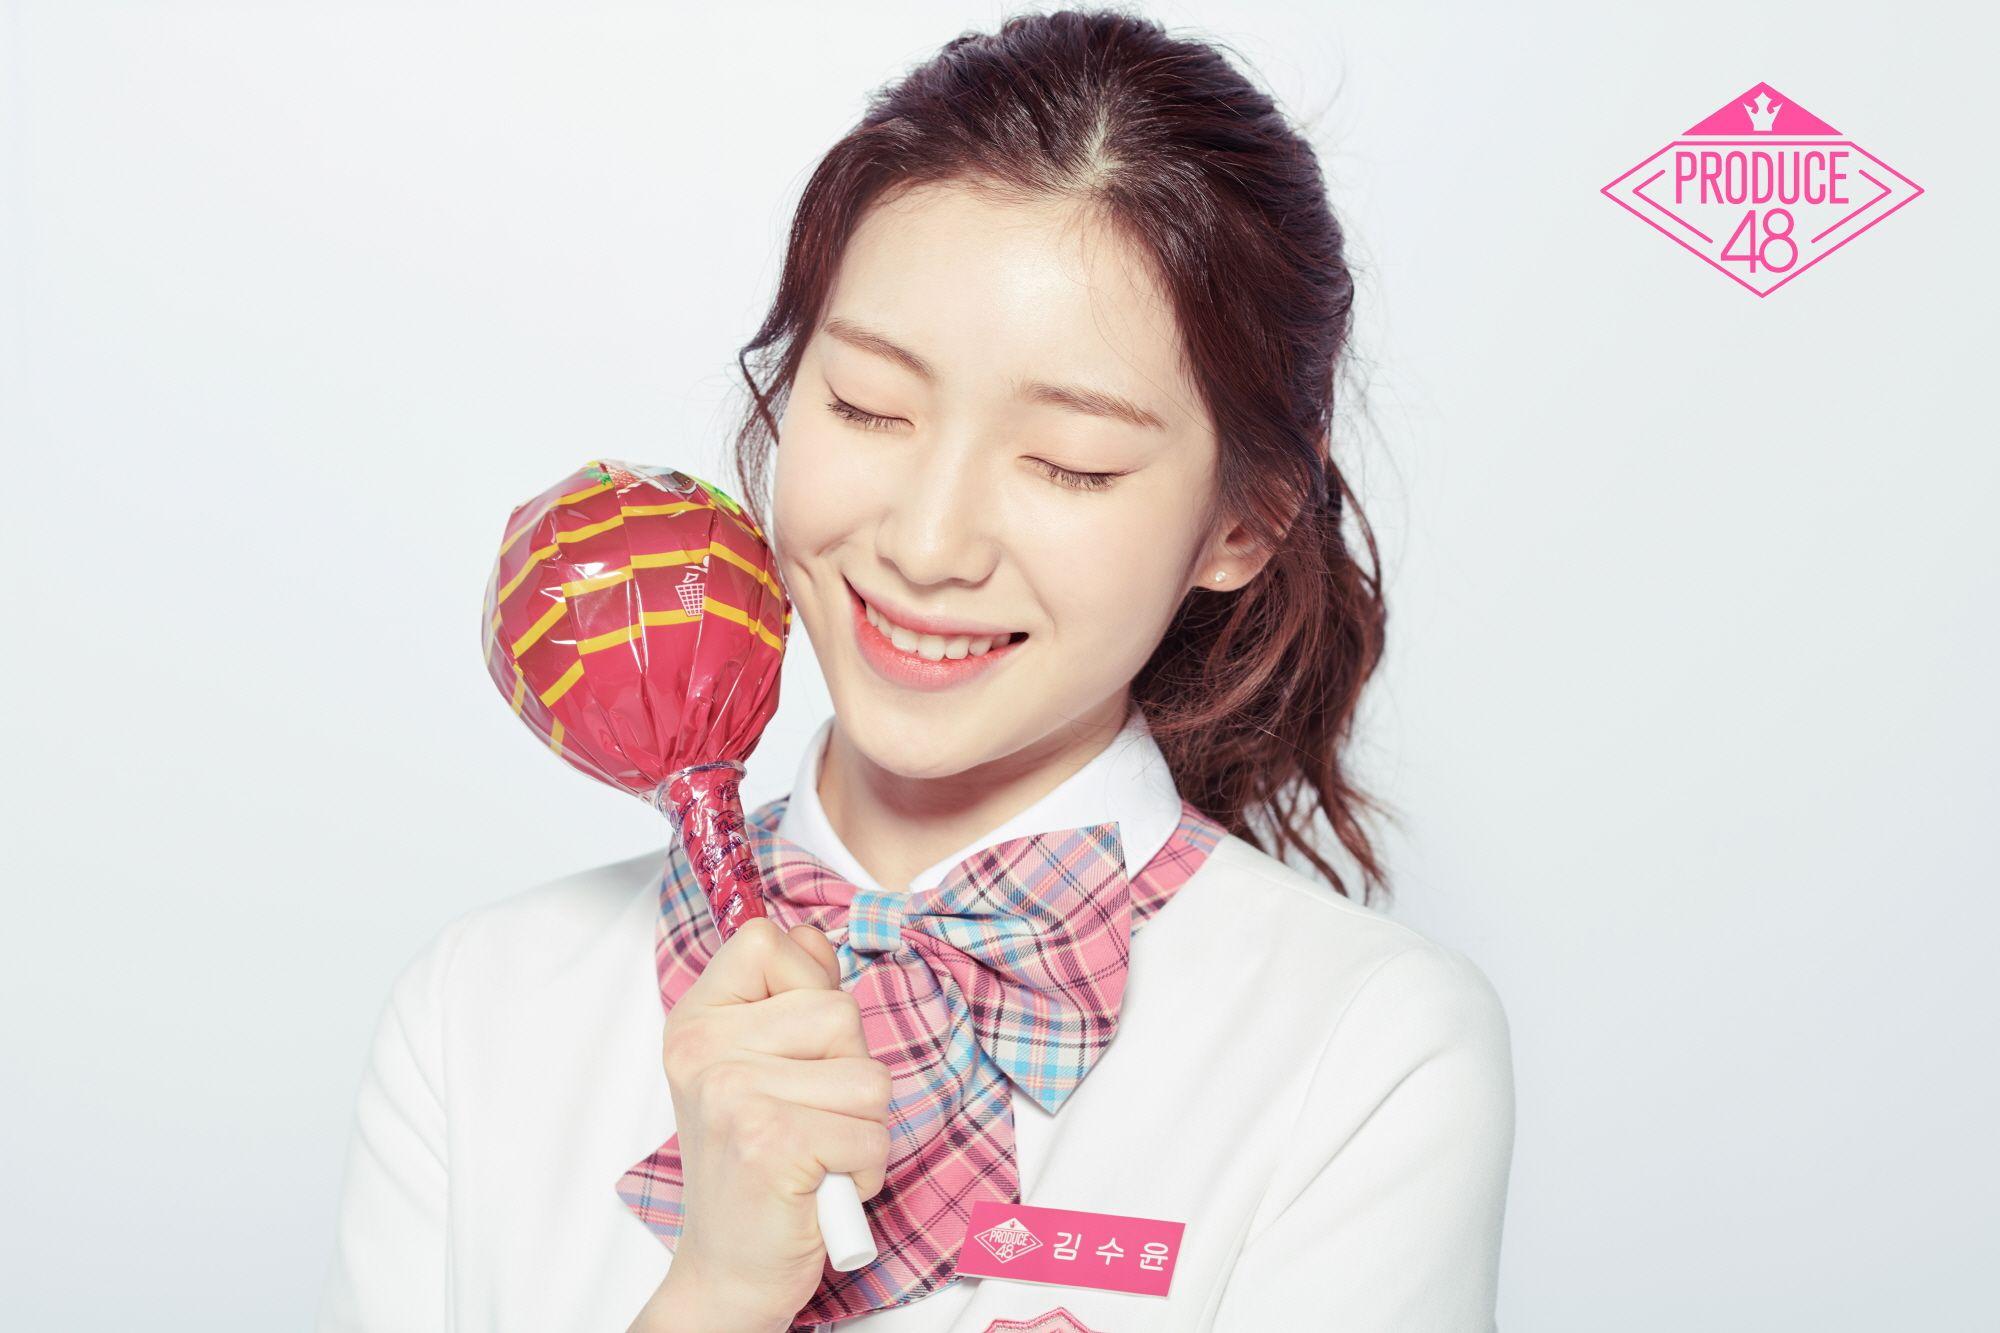 김수윤 (Kim Suyoon)